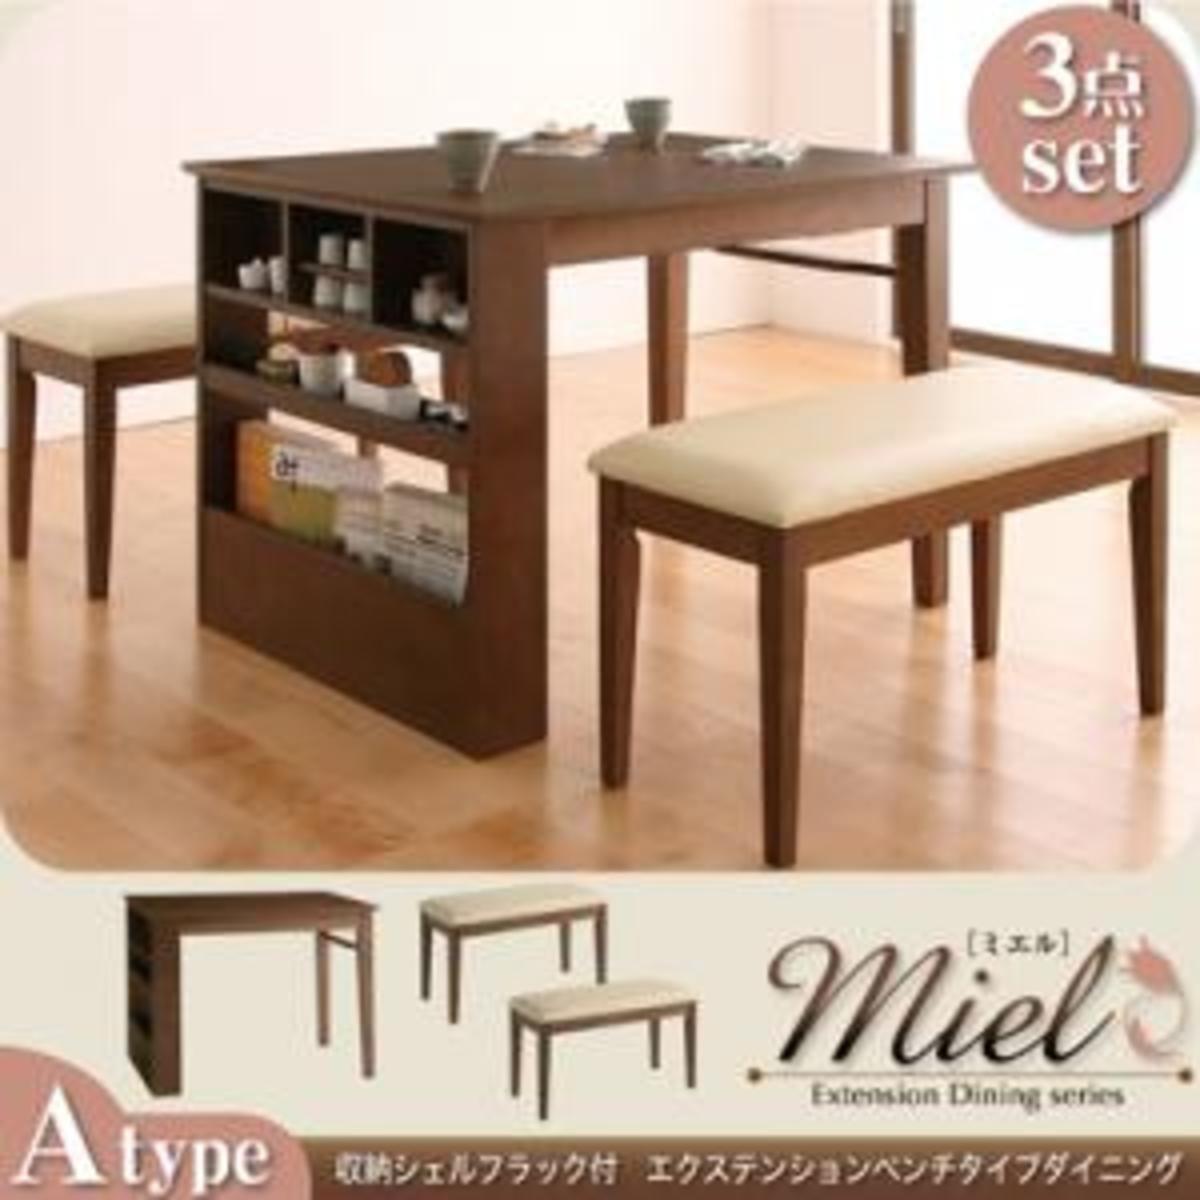 Mile伸縮收納餐桌-3点A